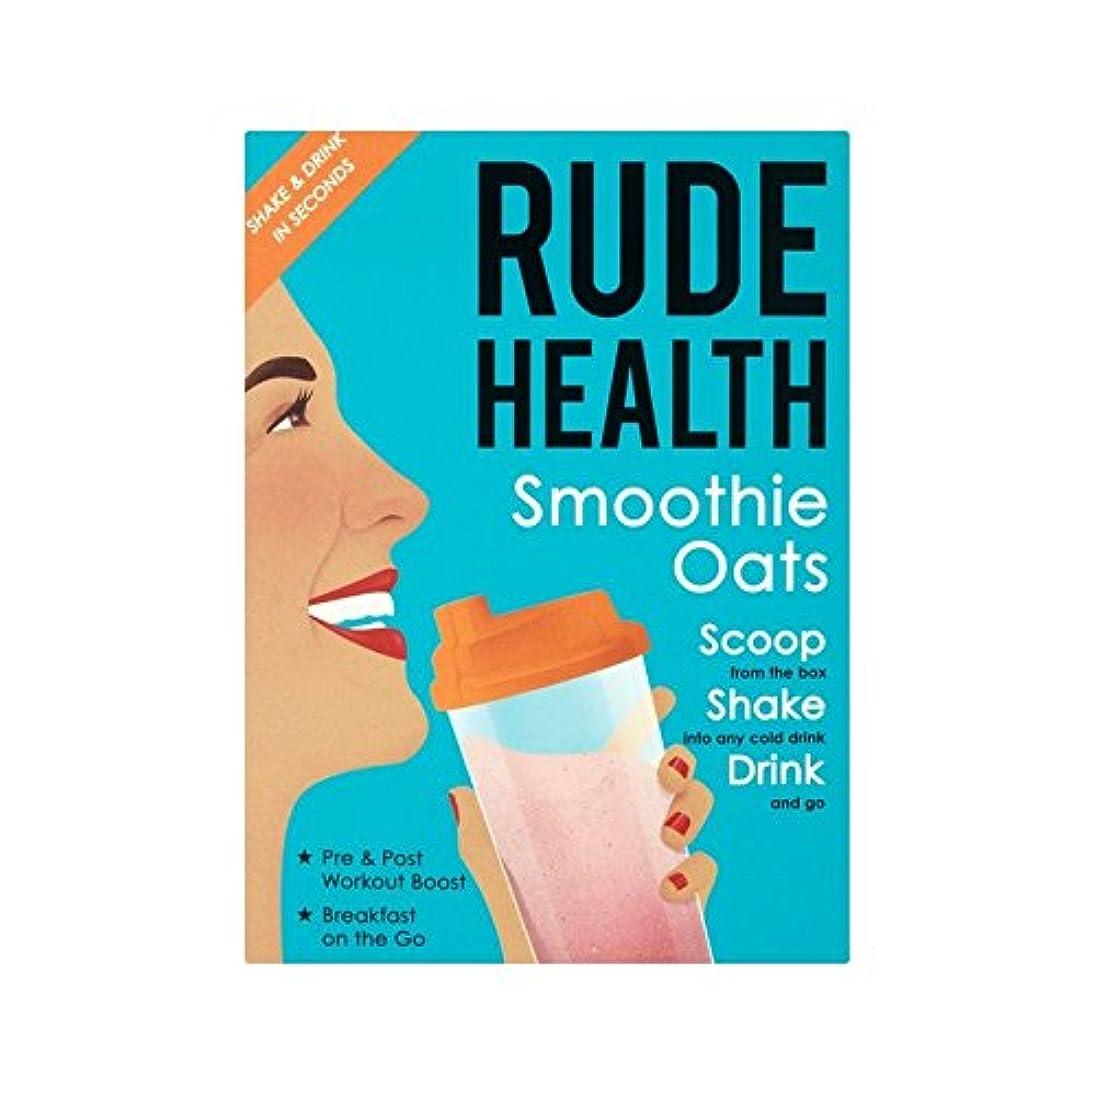 軍艦通り変更スムージーオート麦250グラム (Rude Health) (x 6) - Rude Health Smoothie Oats 250g (Pack of 6) [並行輸入品]